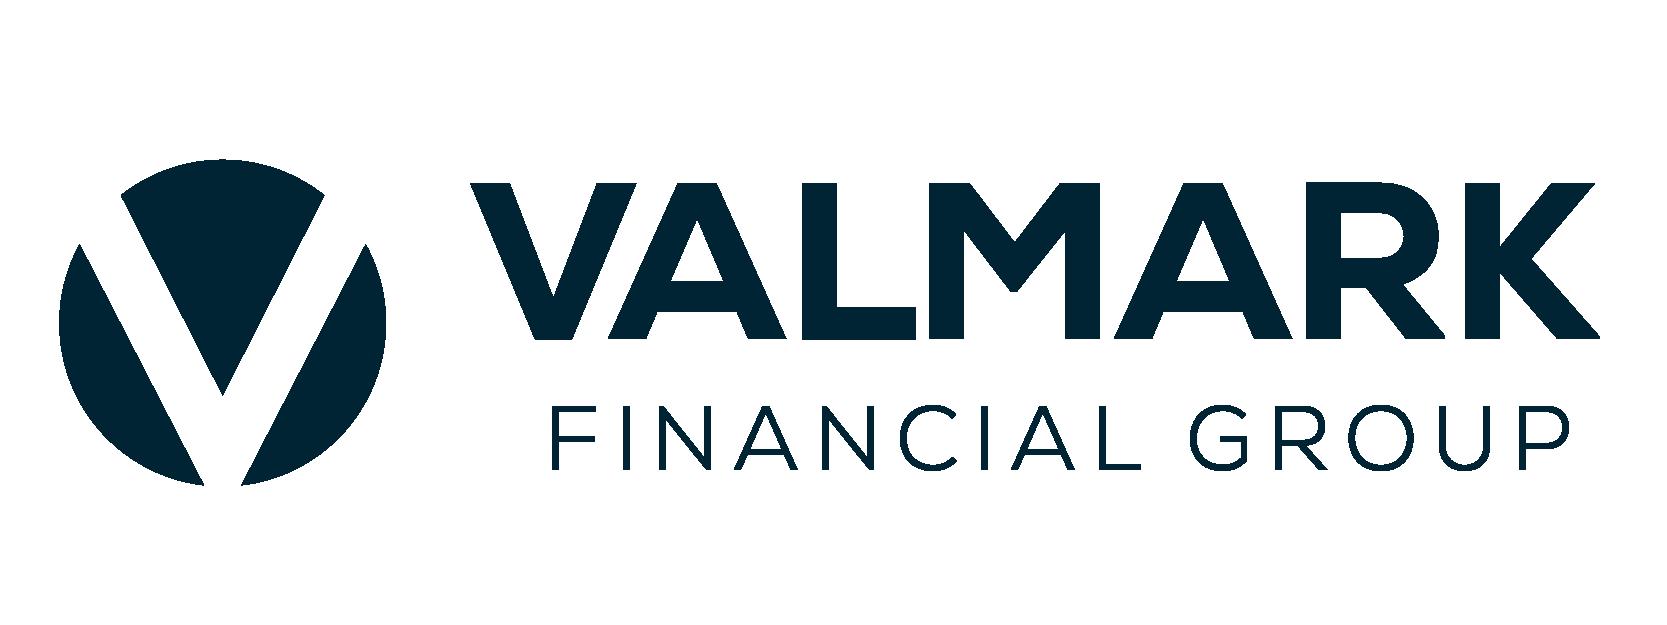 Valmark Financial Group Company Logo